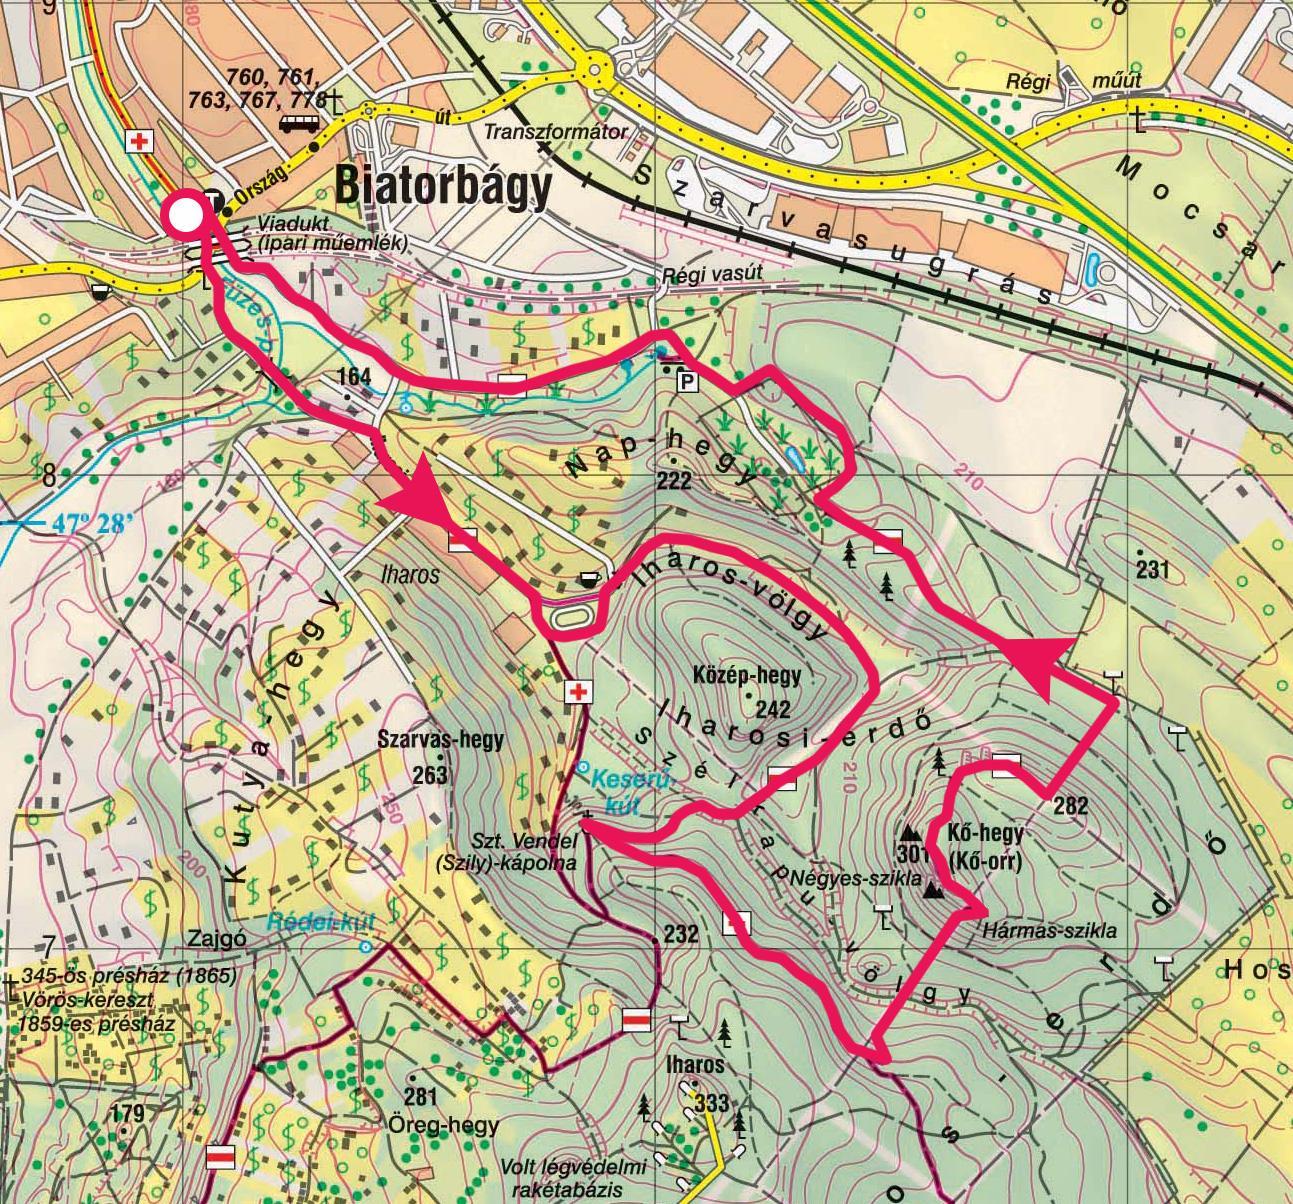 biatorbágy övezeti térkép Biatorbágyi túra, a Viadukttól a Kő hegy sziklaformációira, a